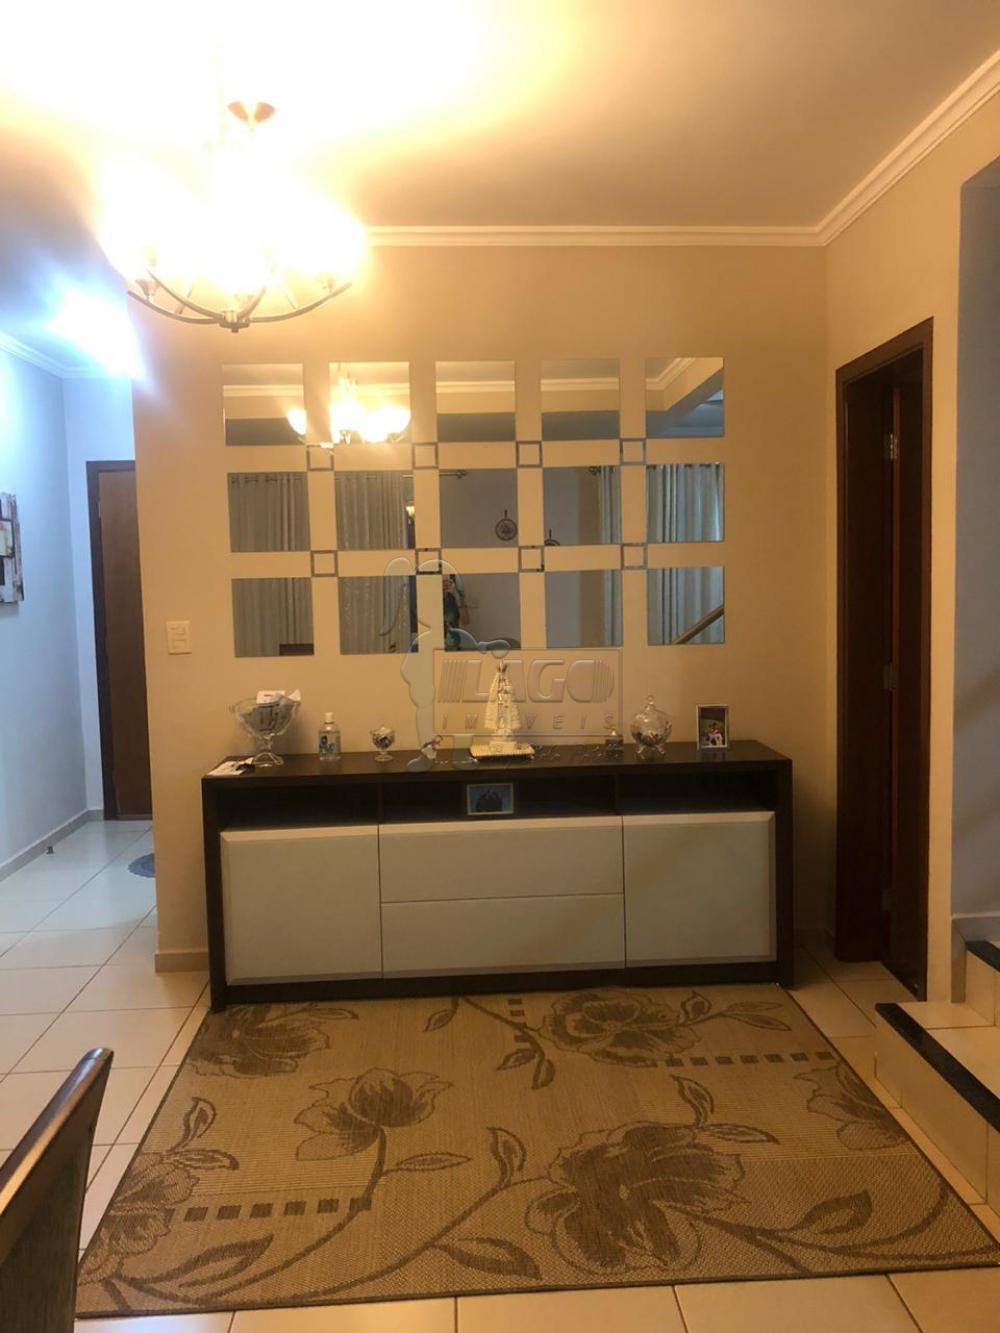 Comprar Casas / Condomínio em Ribeirão Preto apenas R$ 435.000,00 - Foto 5